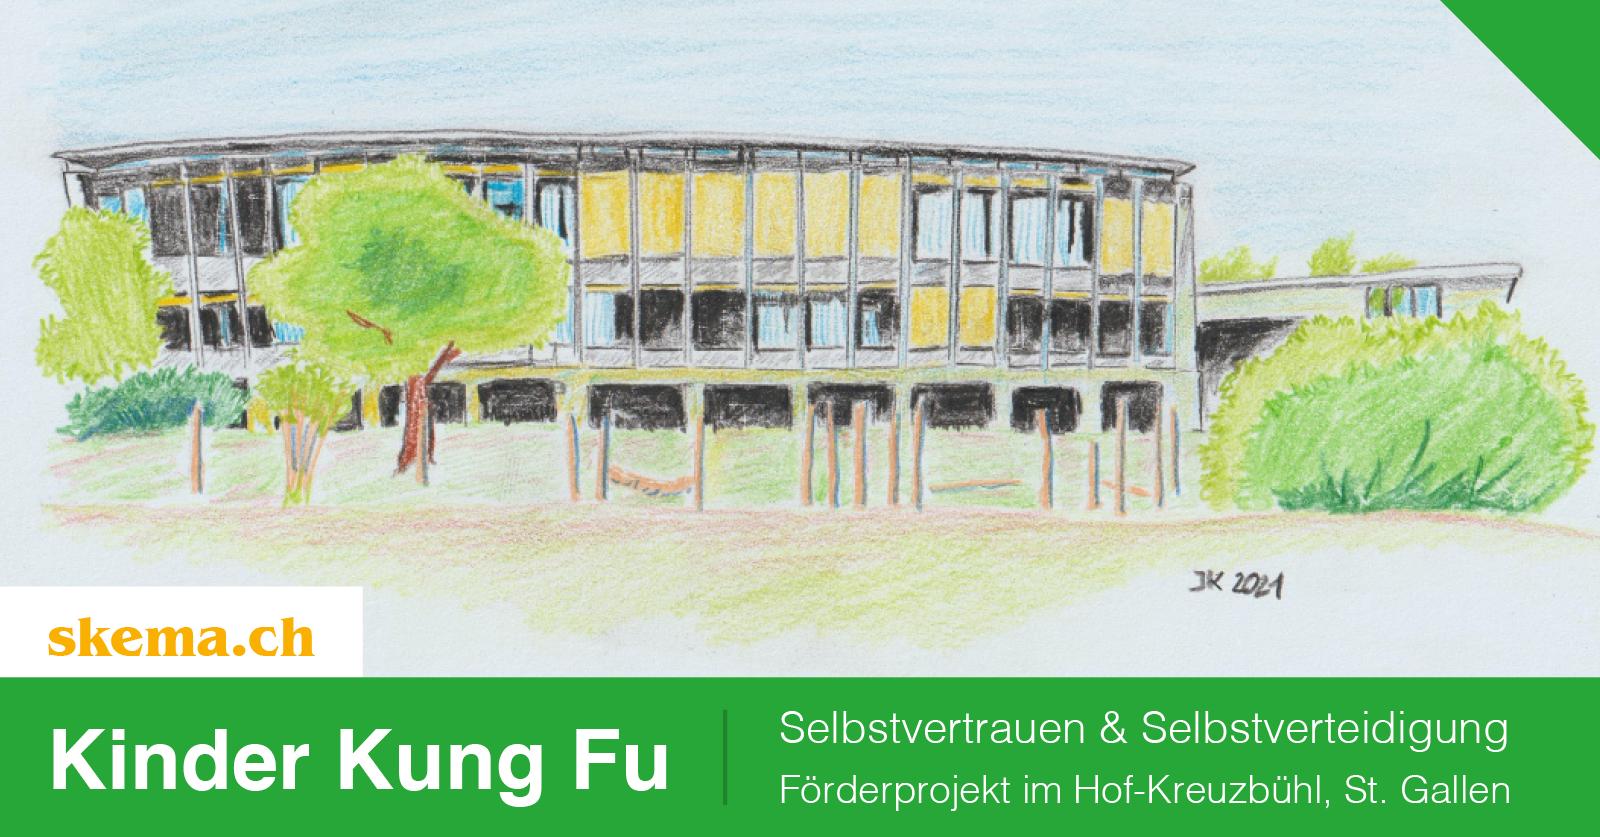 Selbstvertrauen & Selbstverteidigung – Kung Fu Projekt im Hof-Kreuzbühl, St. Gallen